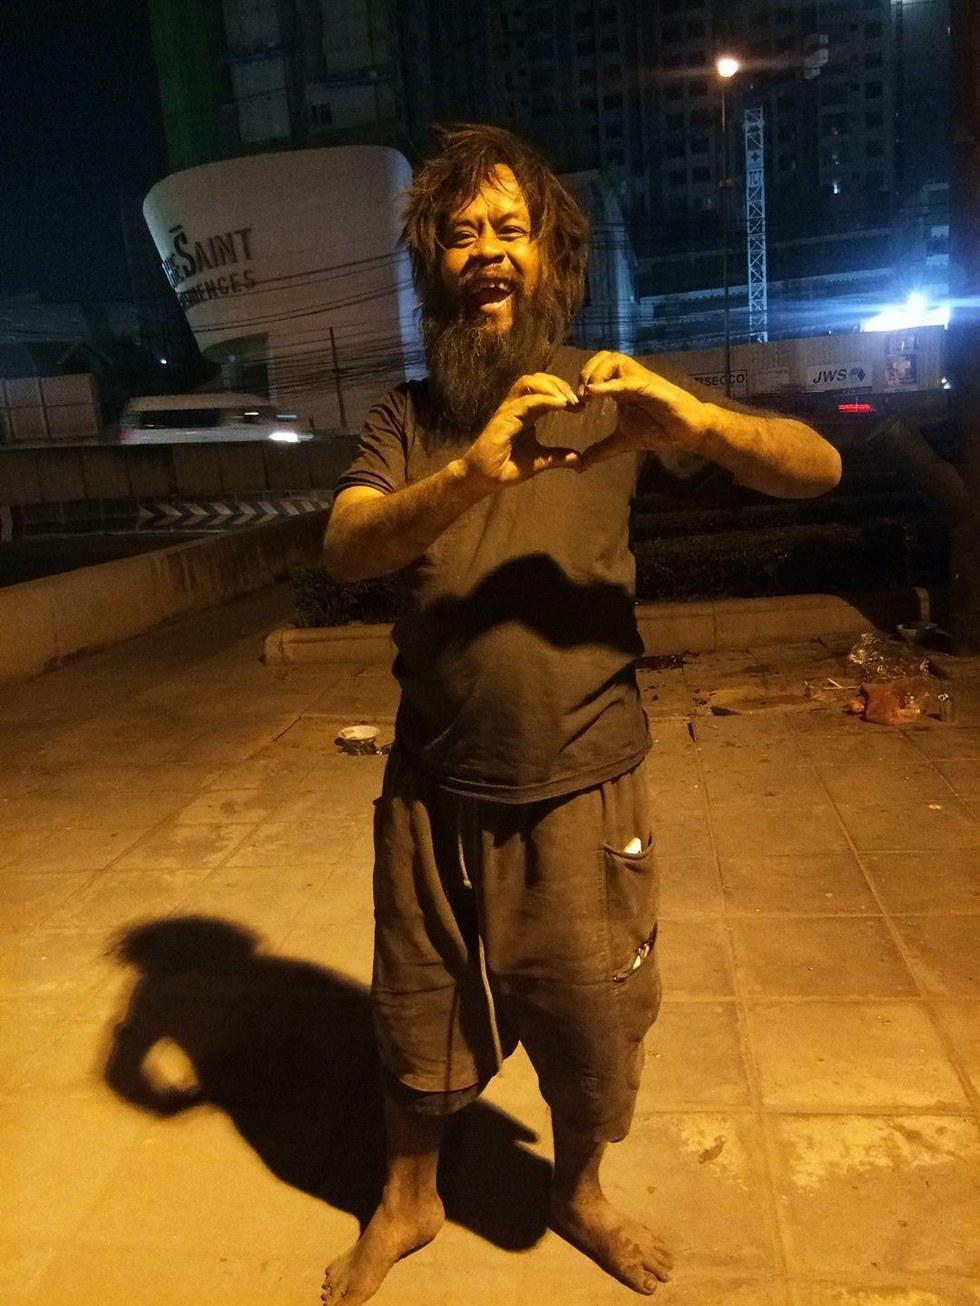 Голодный и танцующий: этот мужчина не имеет ничего, кроме ИХ любви... рис 2